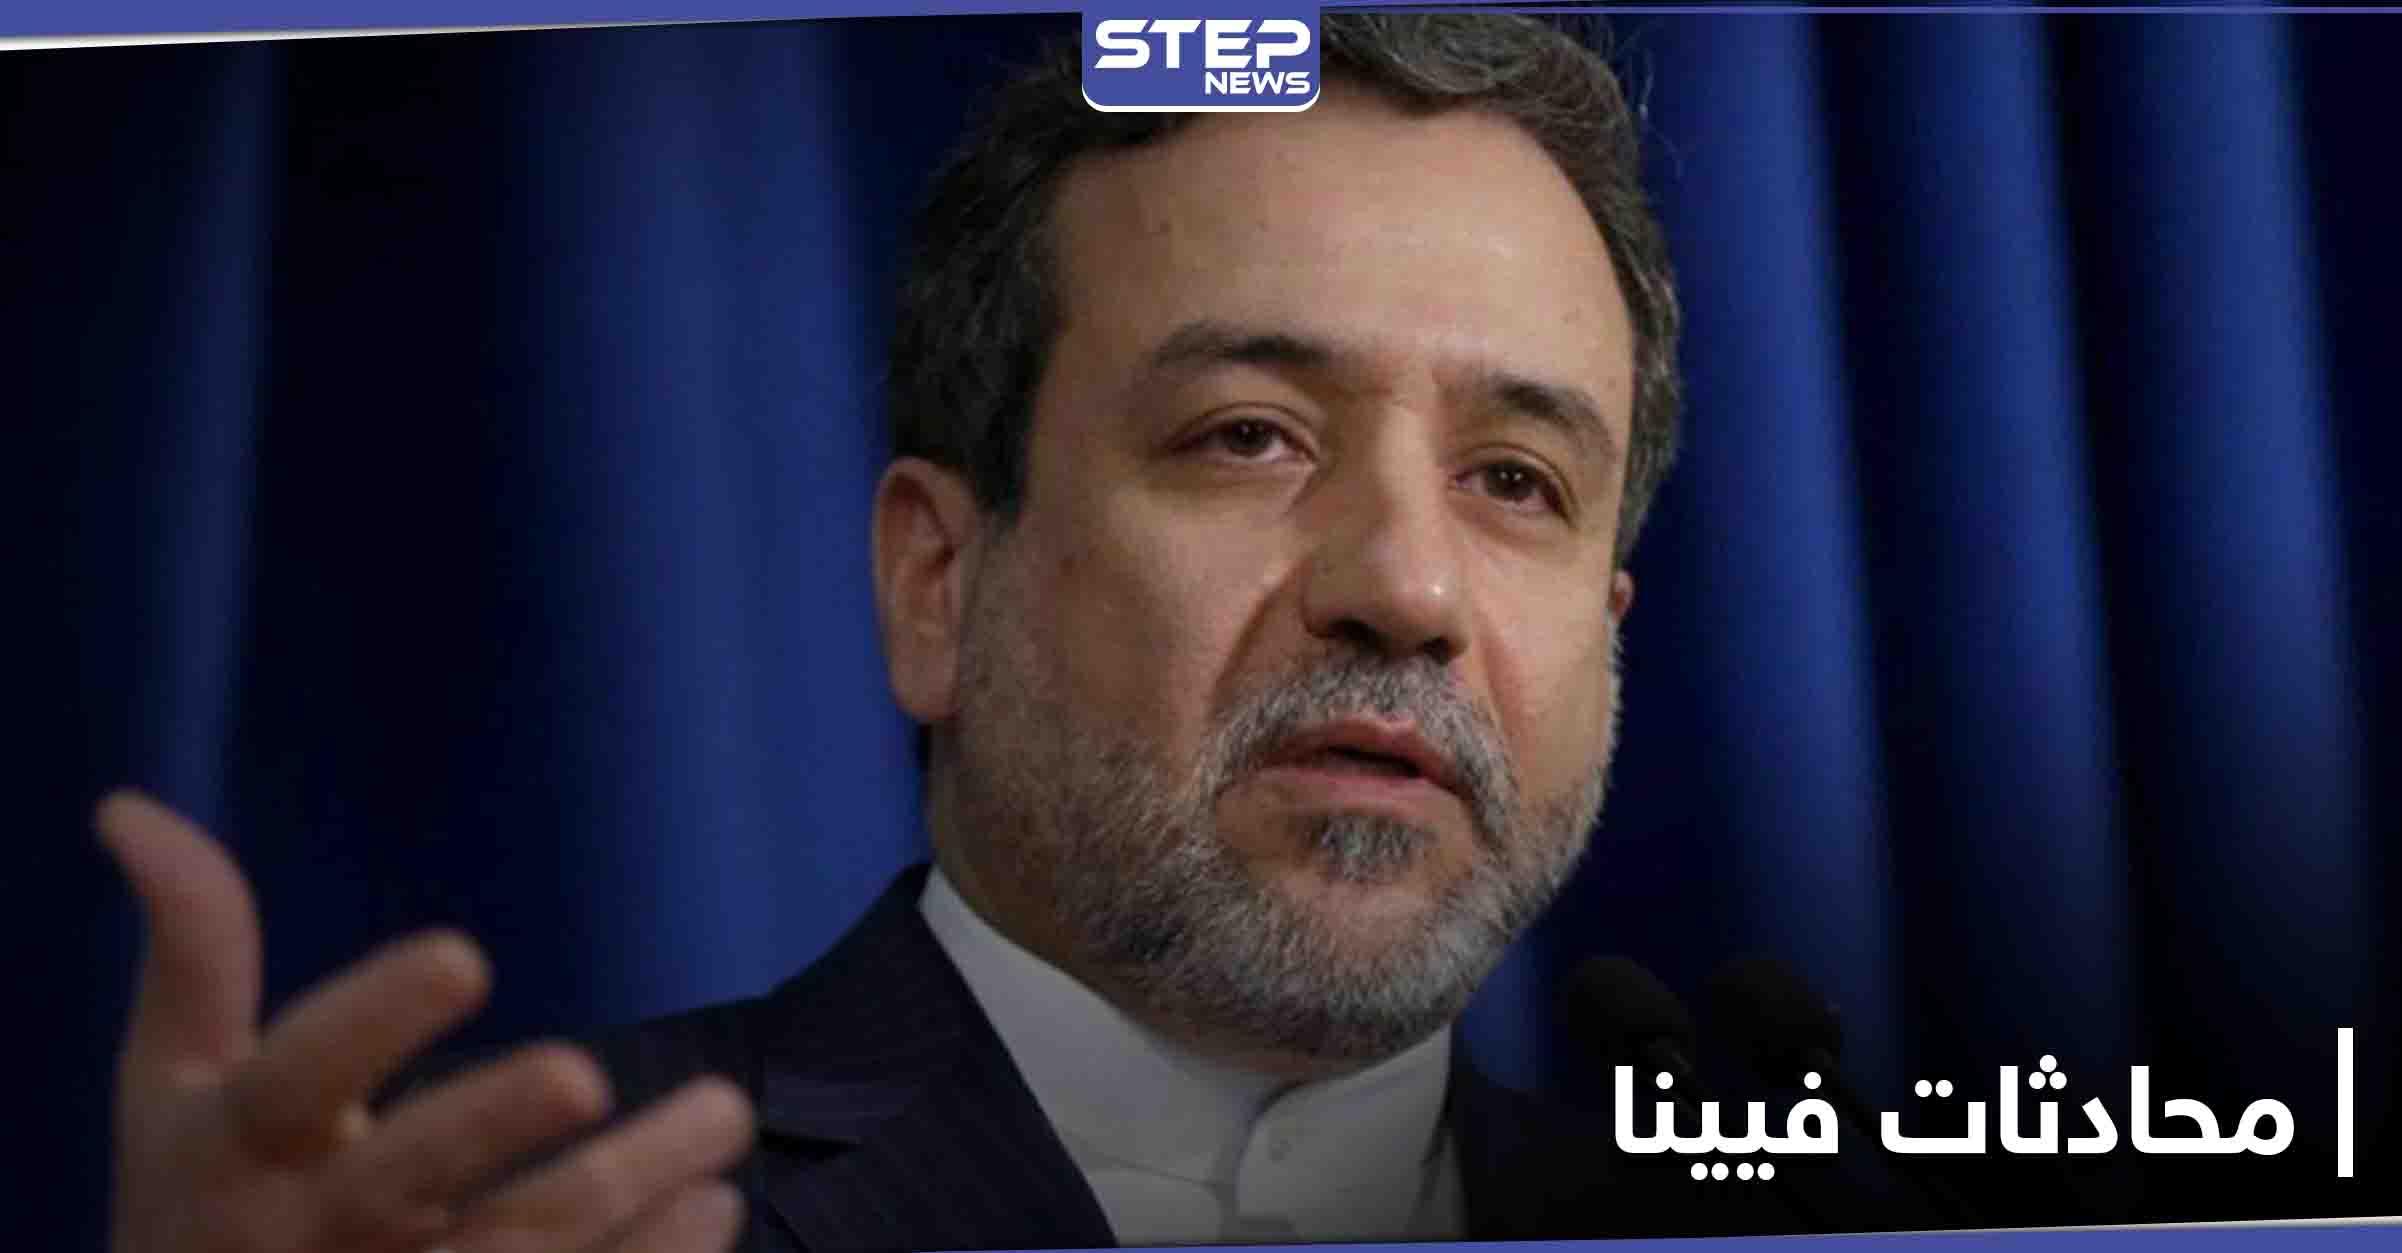 عباس عراقجي: نتفاوض في فيينا وفق تعليمات خامنئي.. ومحادثاتنا مع واشنطن تتمحور حول رفع العقوبات